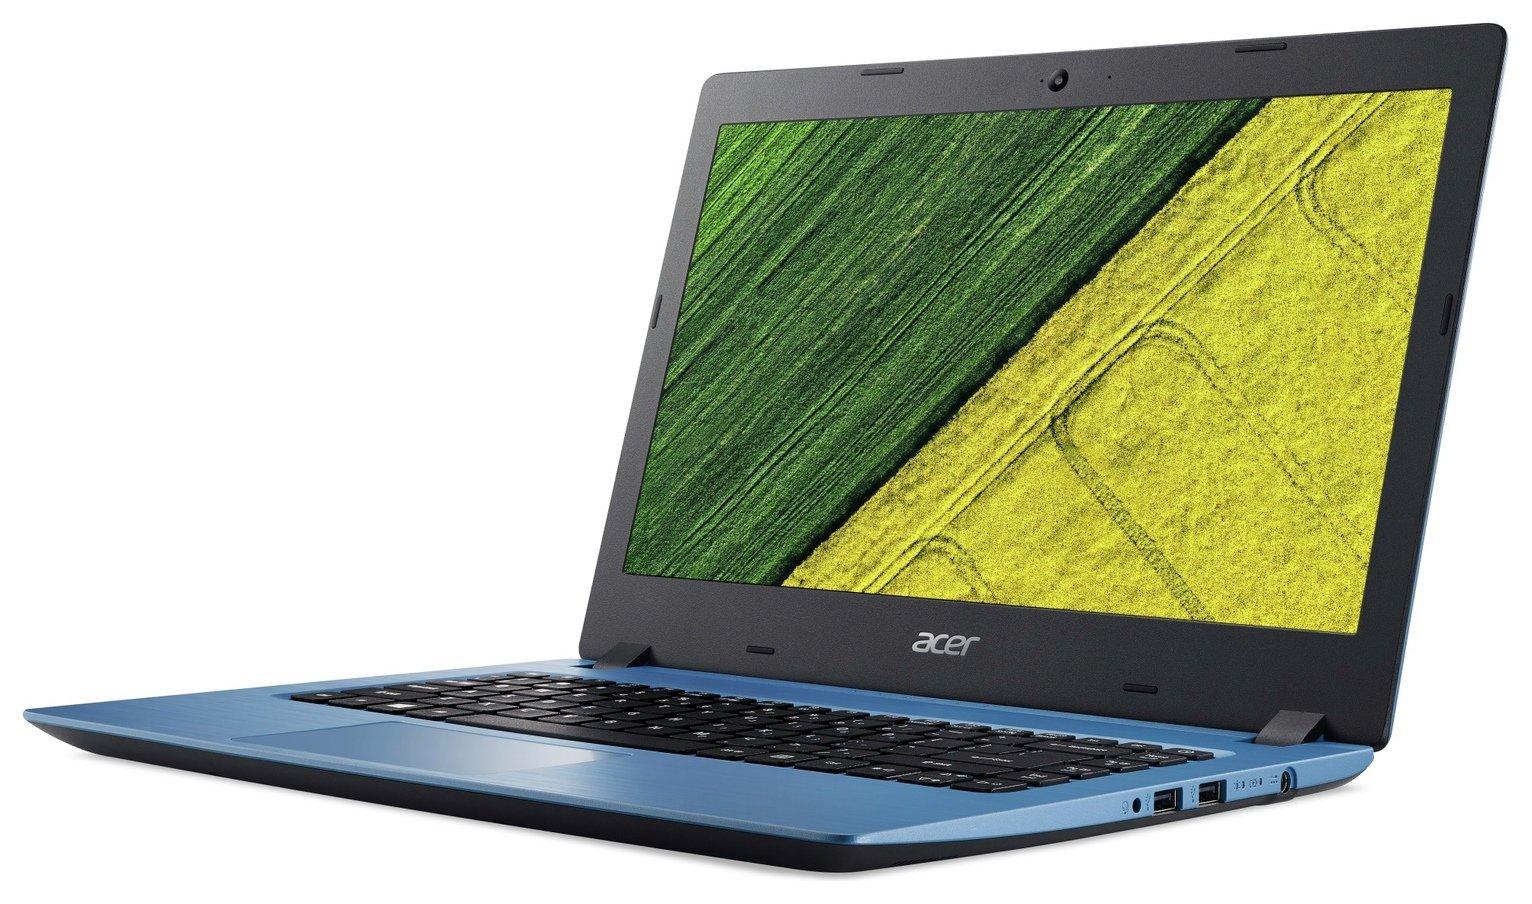 Acer Aspire 3 14 Inch Pentium 4GB 128GB Laptop - Blue